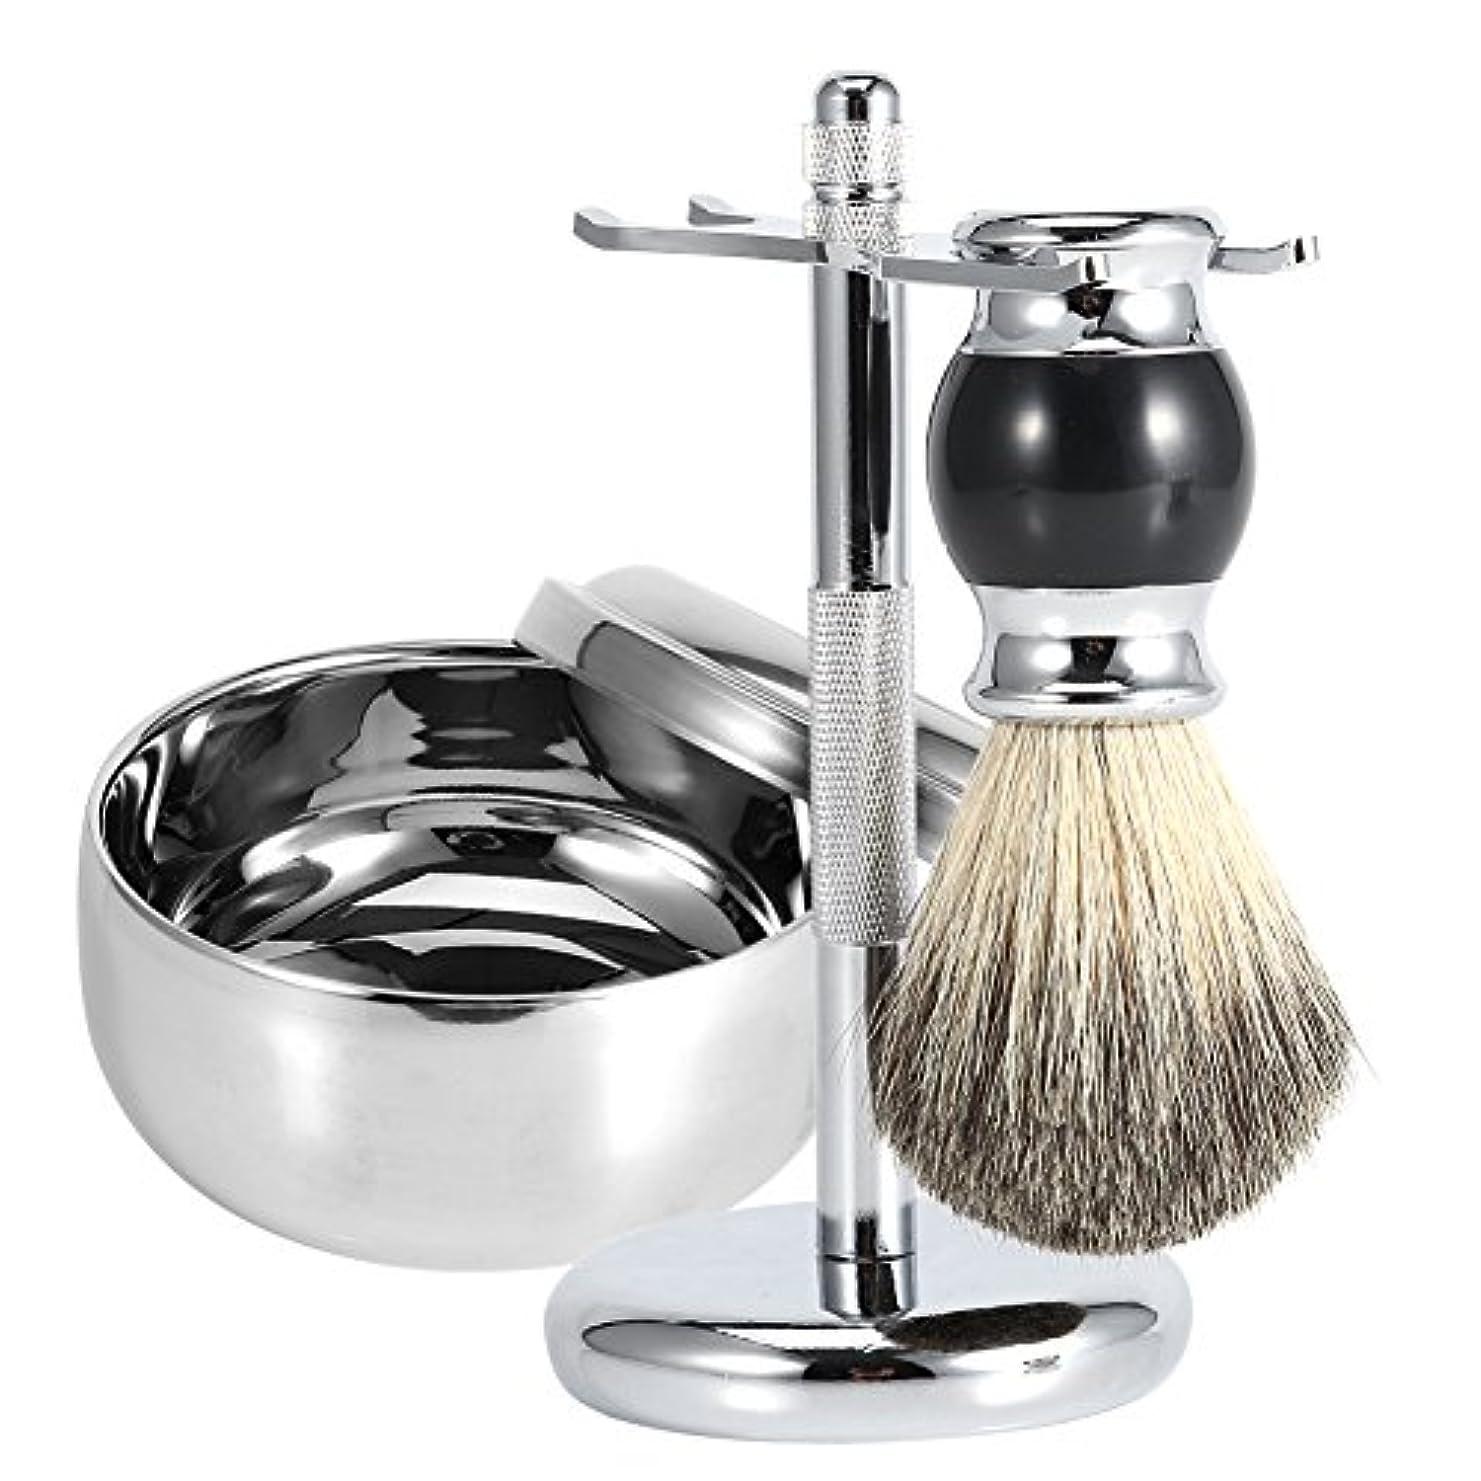 真似るモジュール徹底的にシェービングブラシセット メンズシェービングツール 石鹸ボウル 理容 洗顔 髭剃り 泡立ち スタンド ホルダー フェイクバジャーヘアブラシ 合金ソープマグカップキット(3点セット銀)